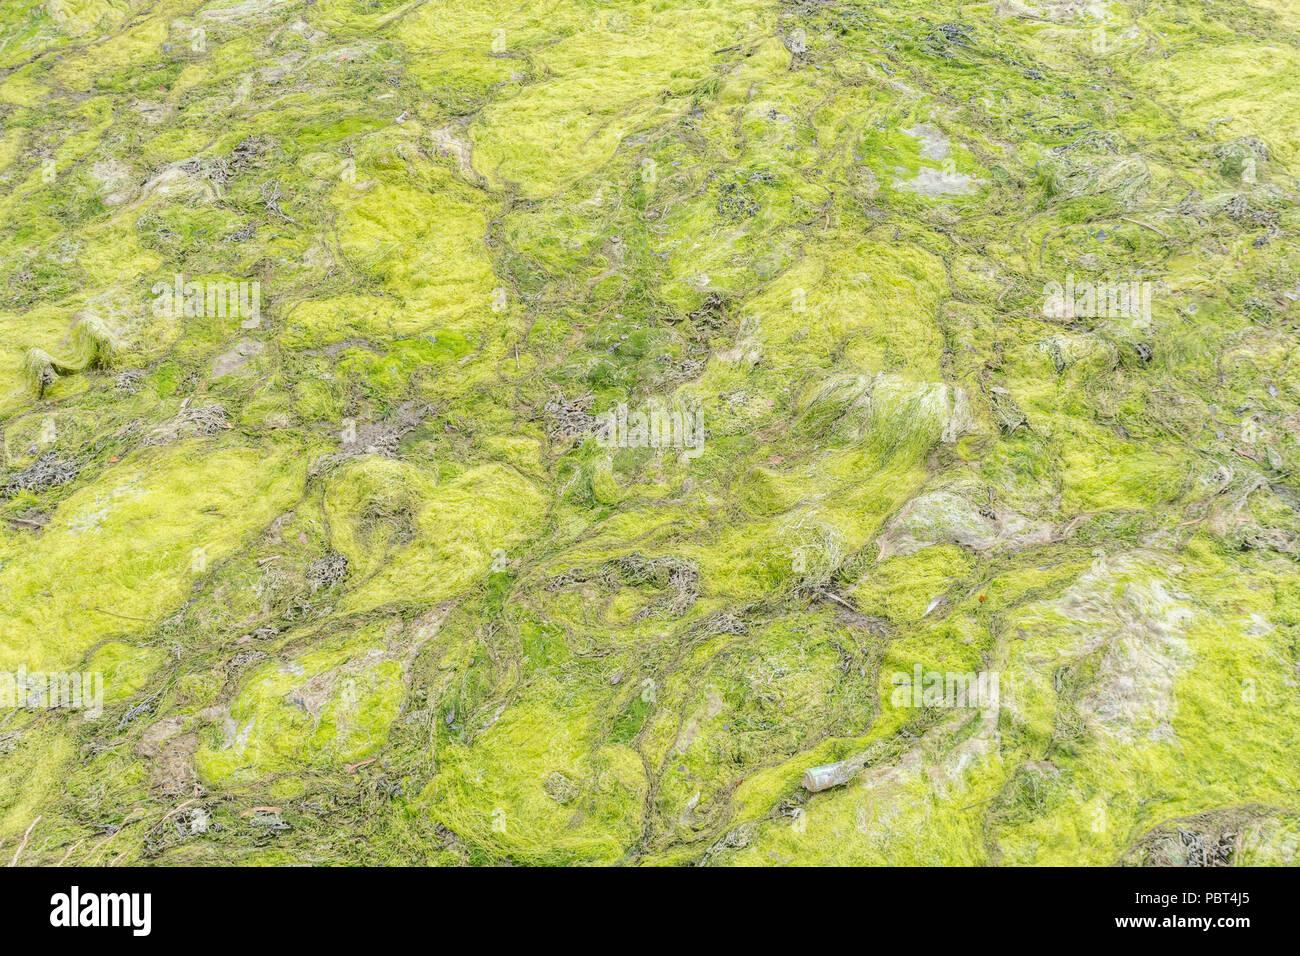 Tidal green algae on the estuarine river in Truro, Cornwall. - Stock Image